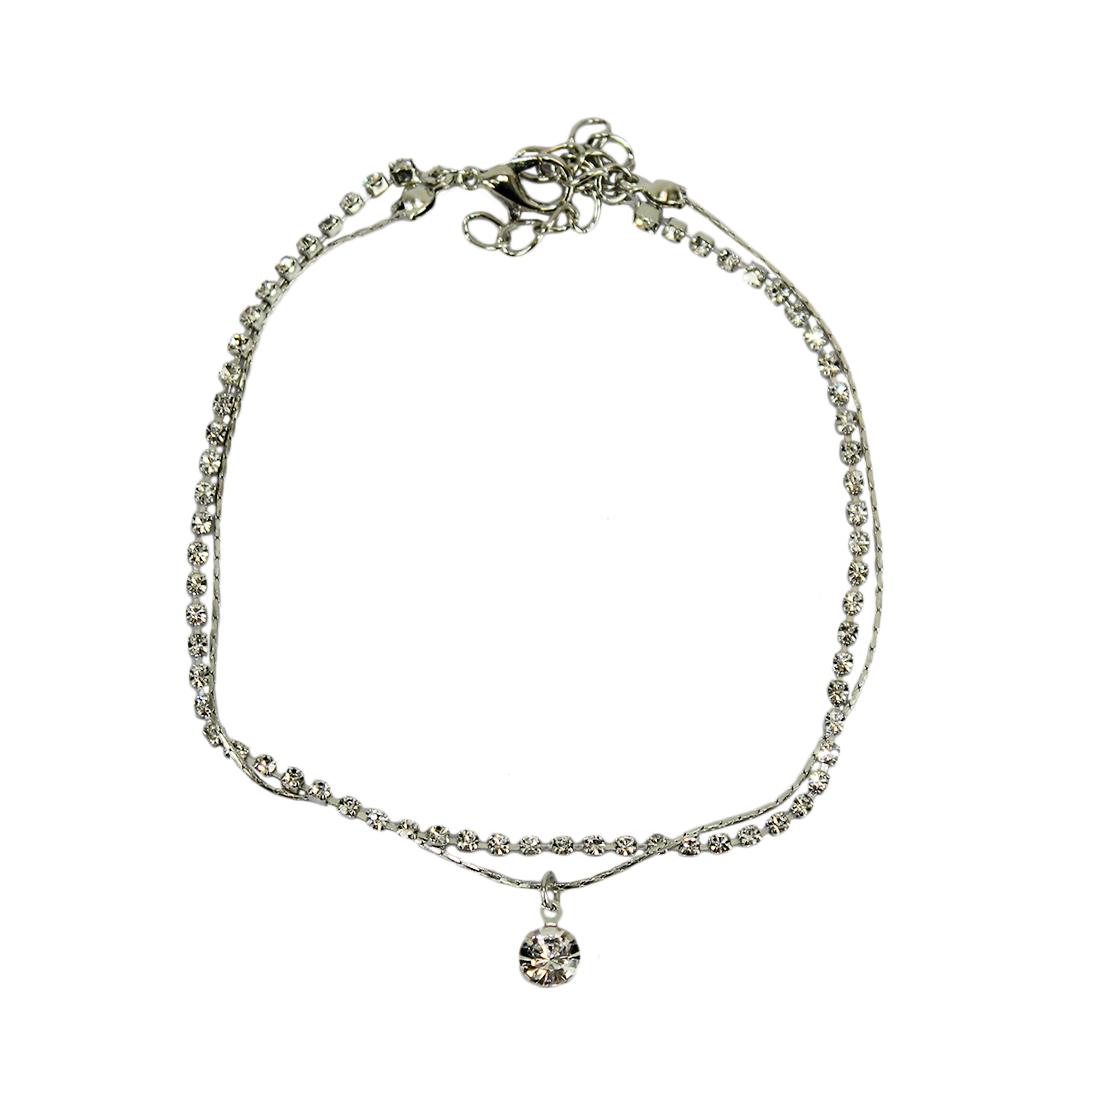 Diamond Chain Design